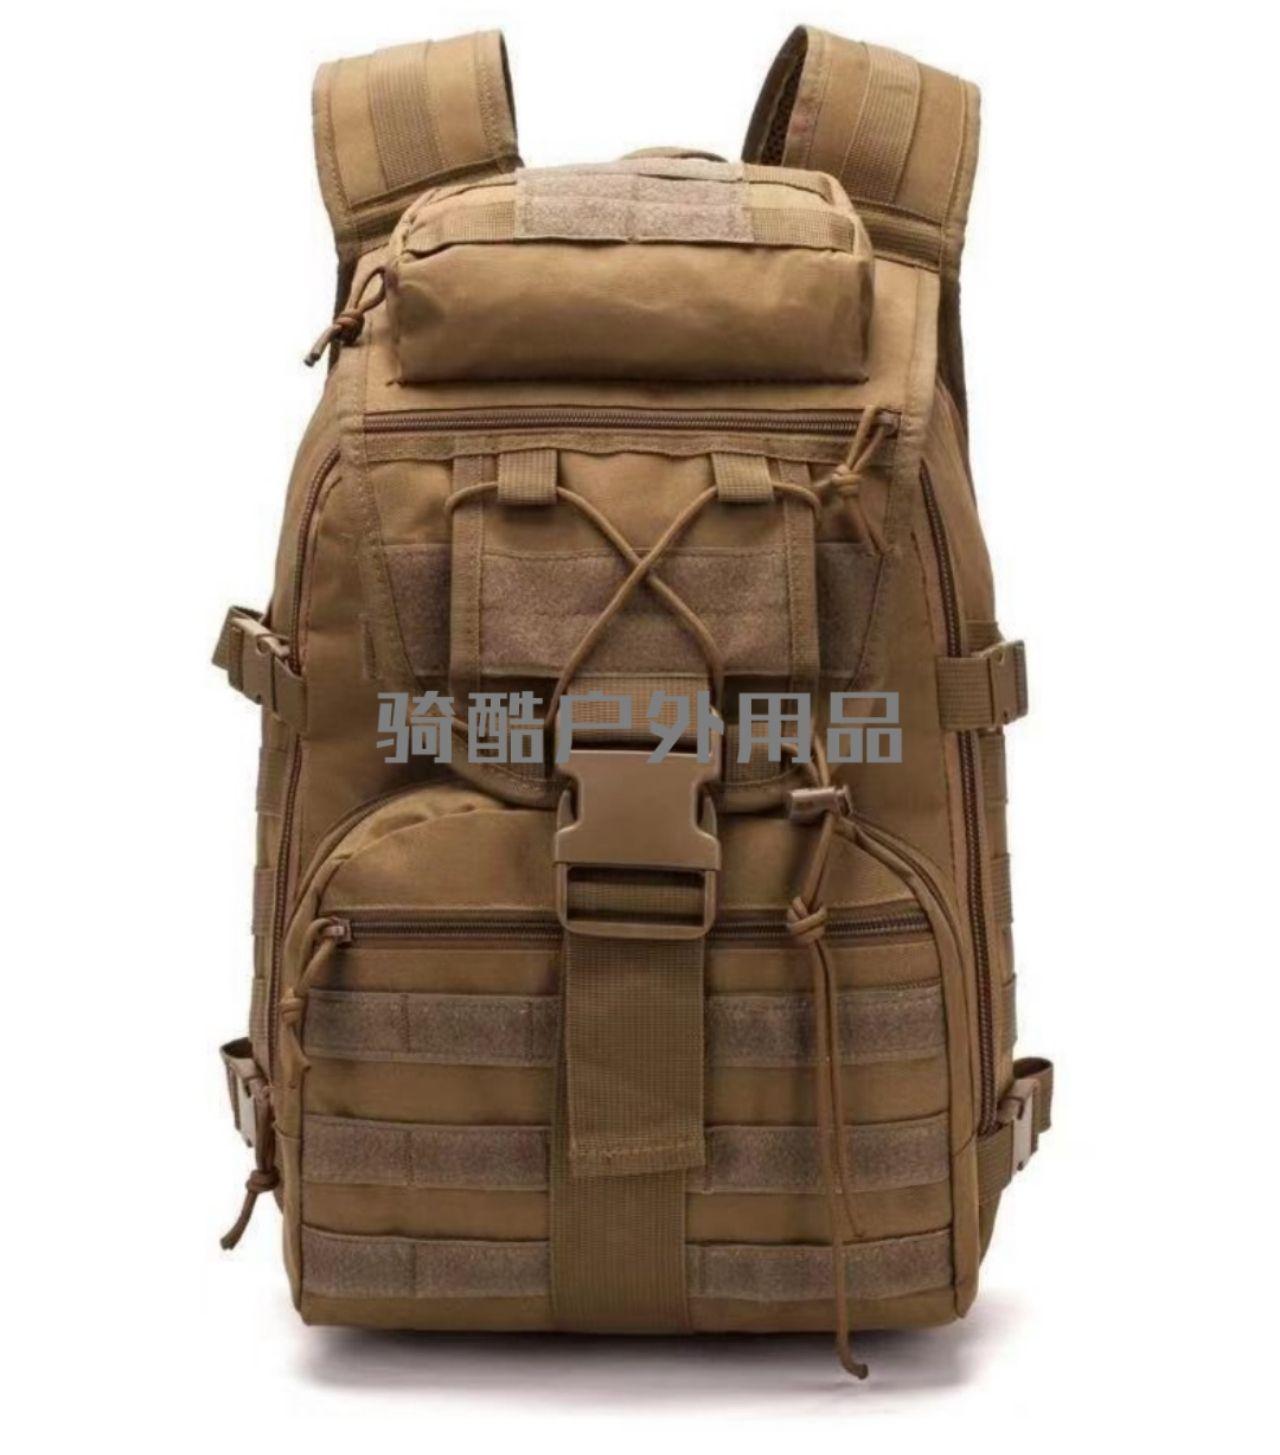 户外用品 户外双肩战术包防水户外登山徒步背包男士X7箭鱼包